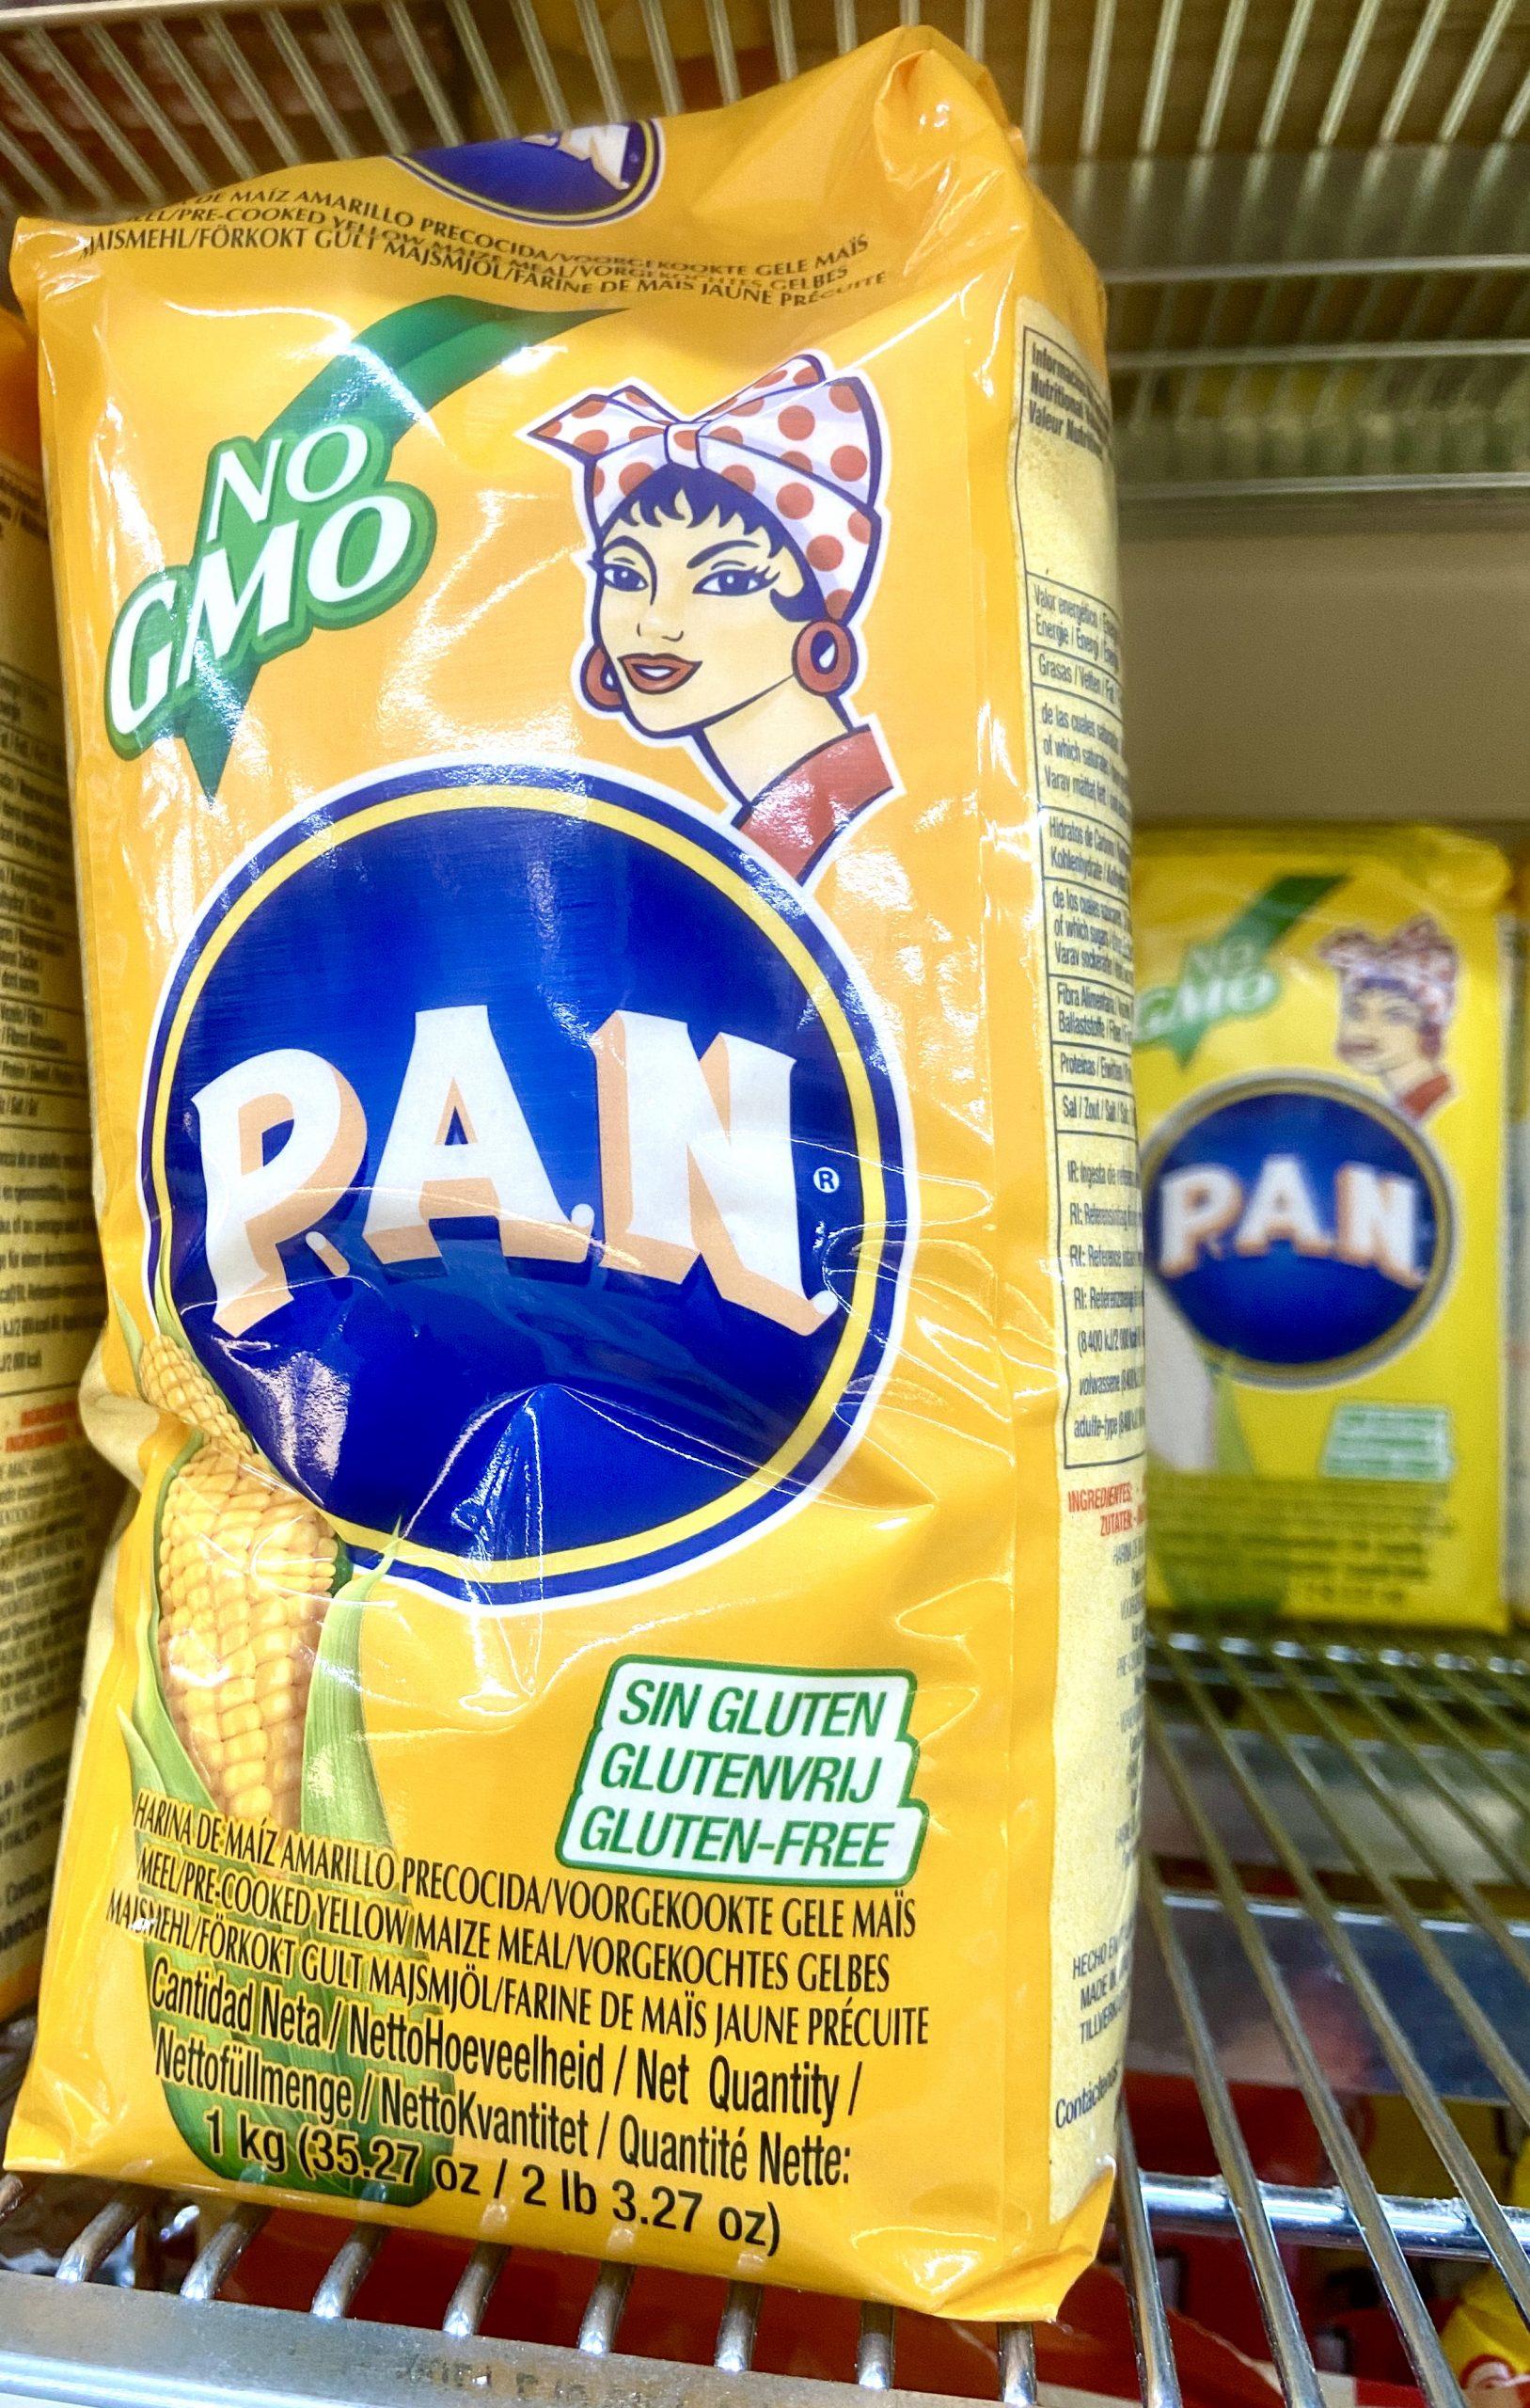 Glutenfreies PAN Mehl